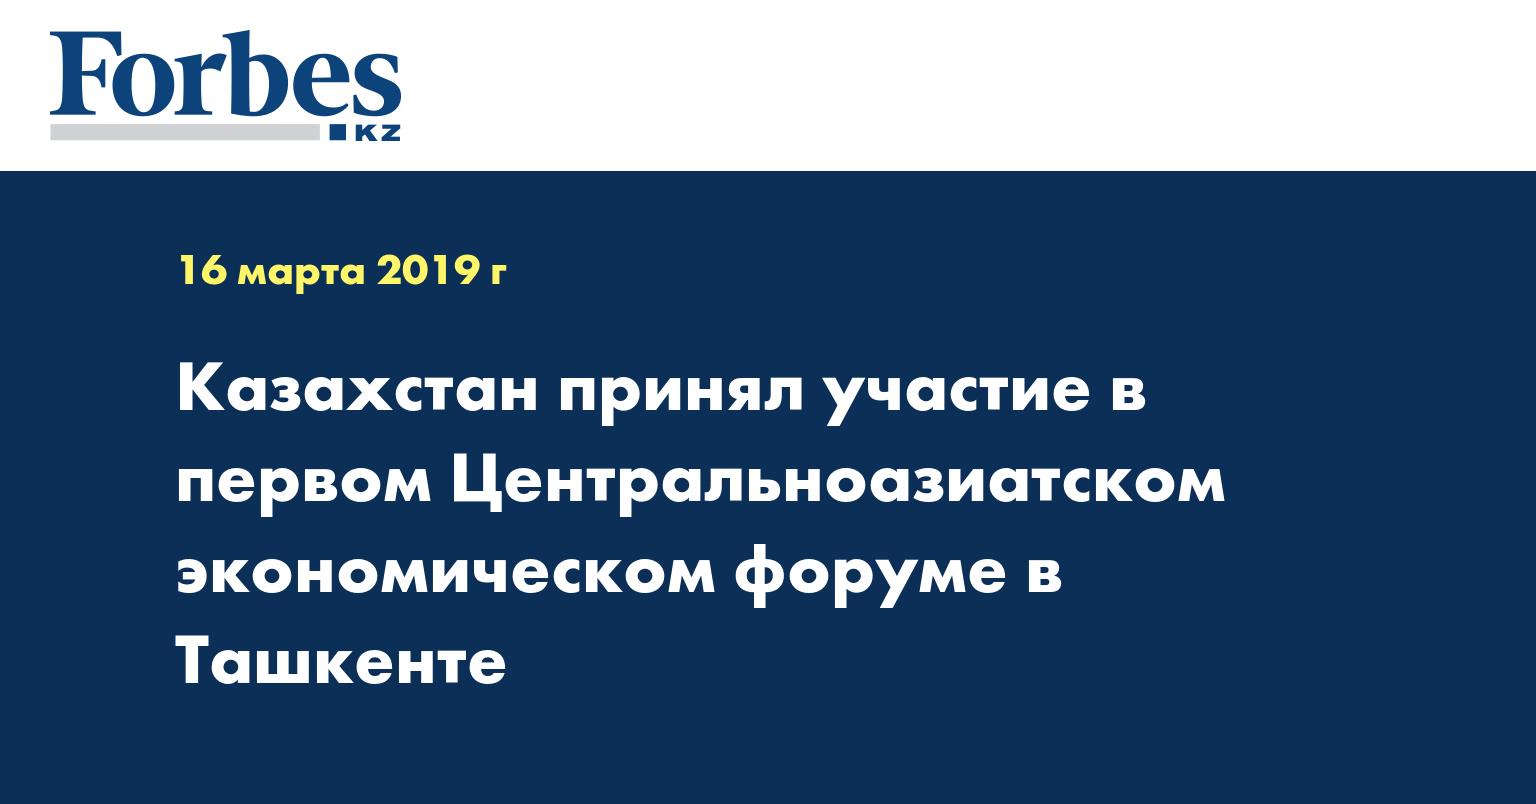 Казахстан принял участие в первом Центральноазиатском экономическом форуме в Ташкенте